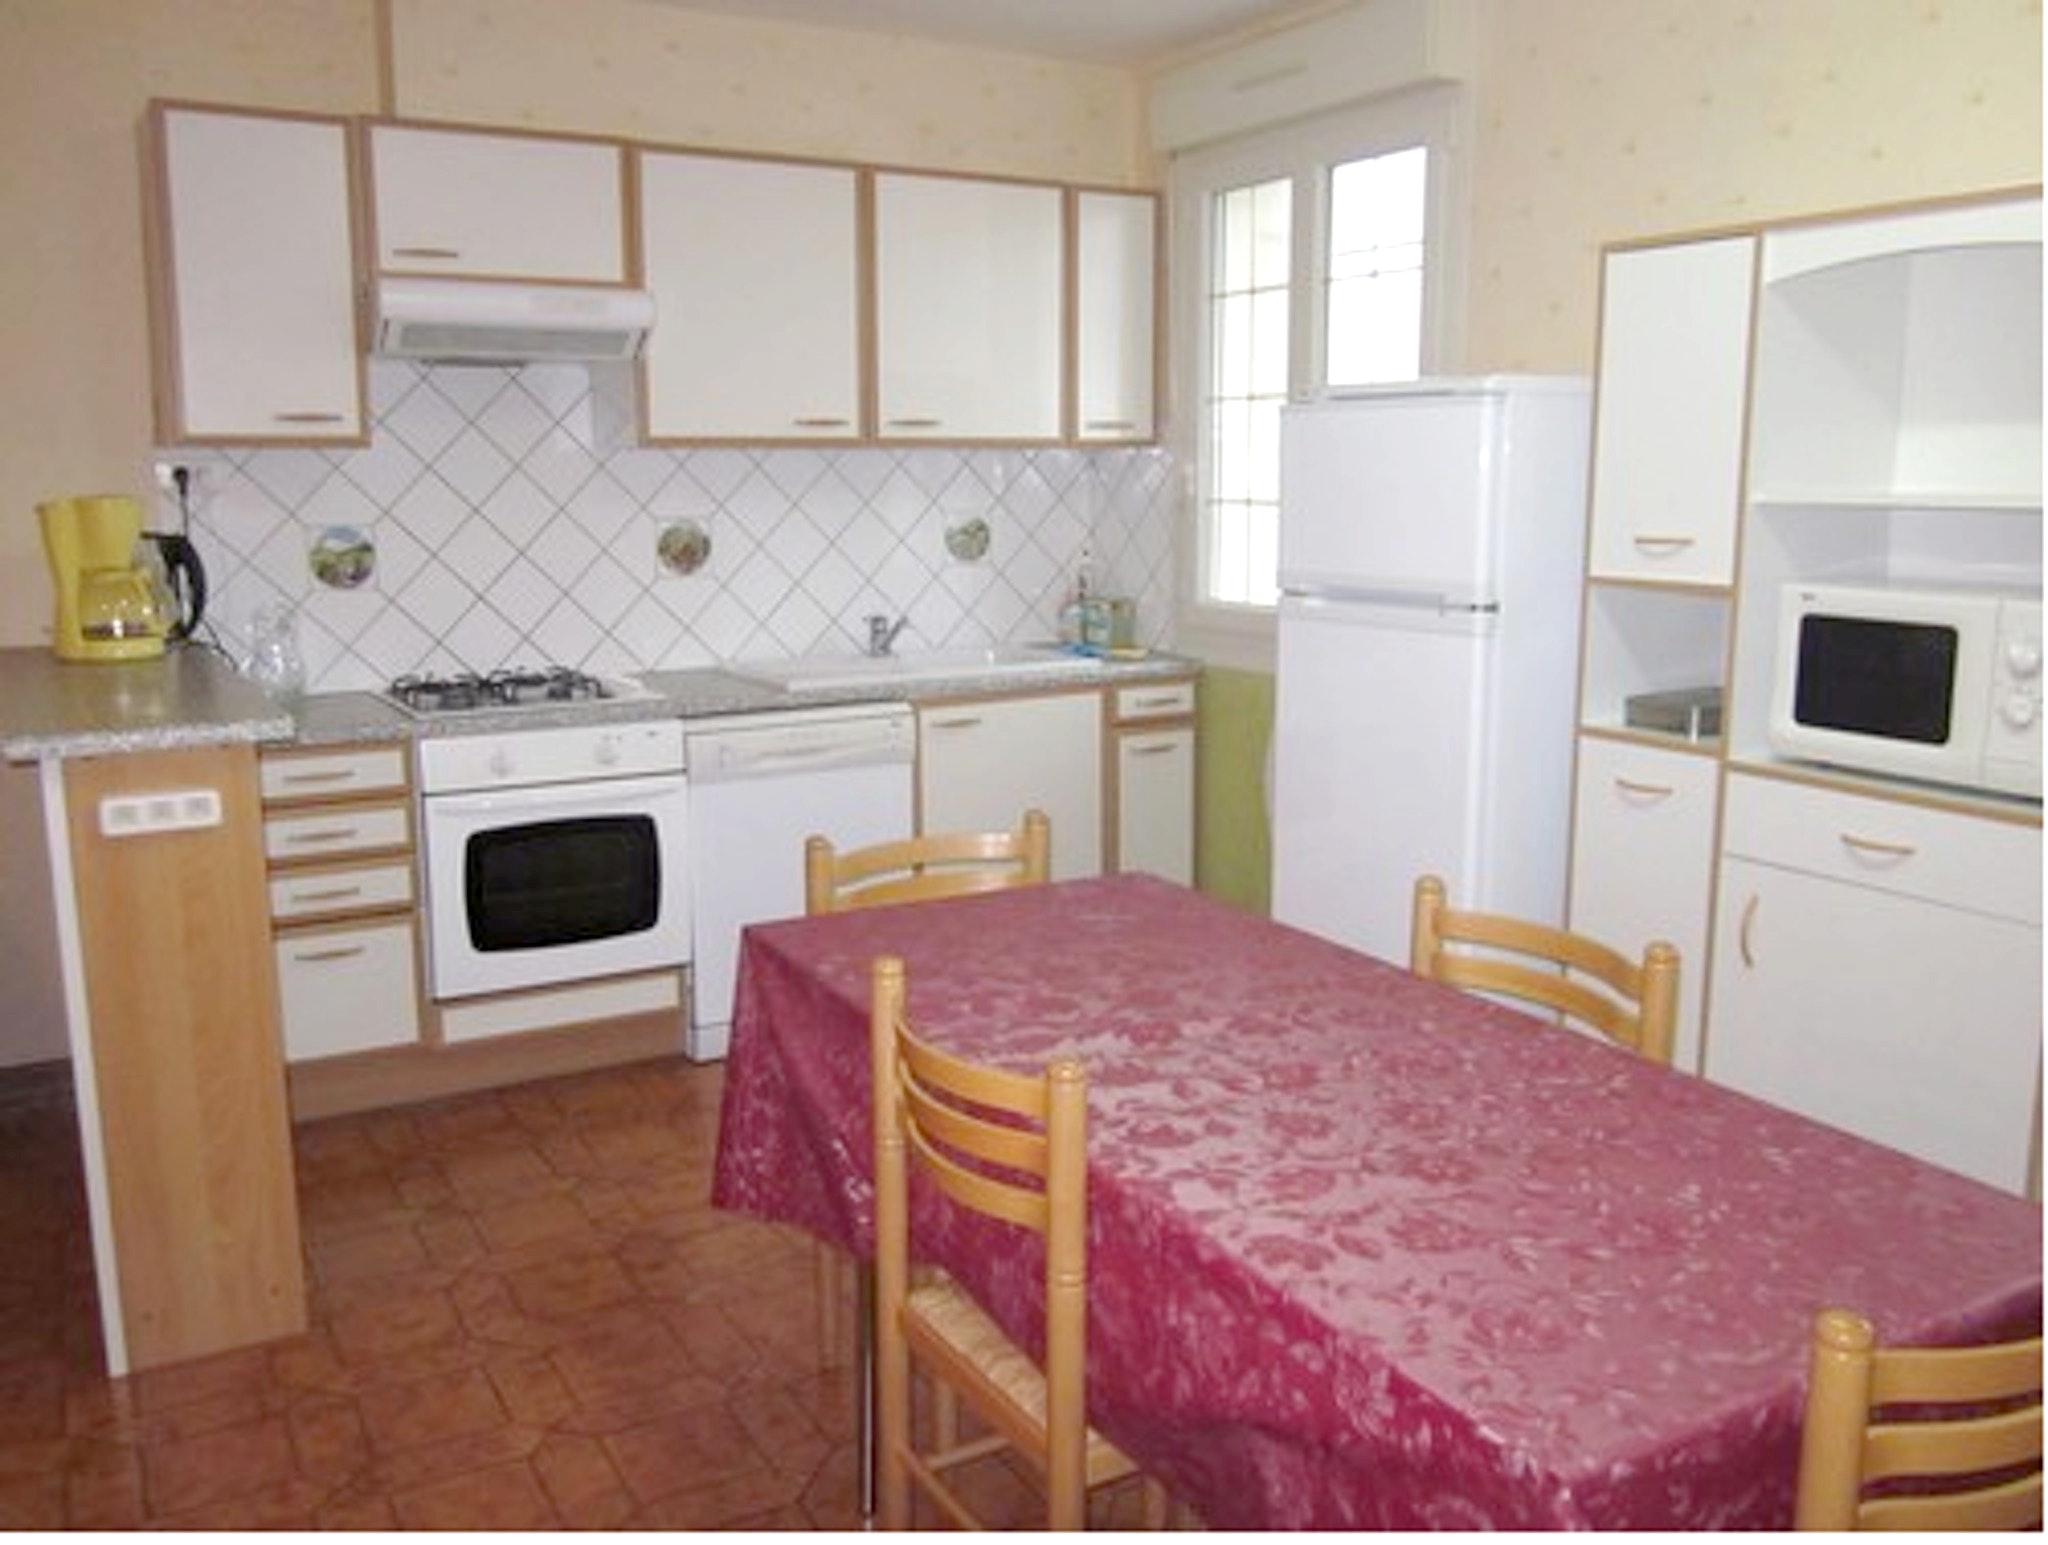 Maison de vacances Haus mit 2 Schlafzimmern in Saint-Laurent-la-Roche mit eingezäuntem Garten - 40 km vom Str (2208321), Montmorot, Jura, Franche-Comté, France, image 6